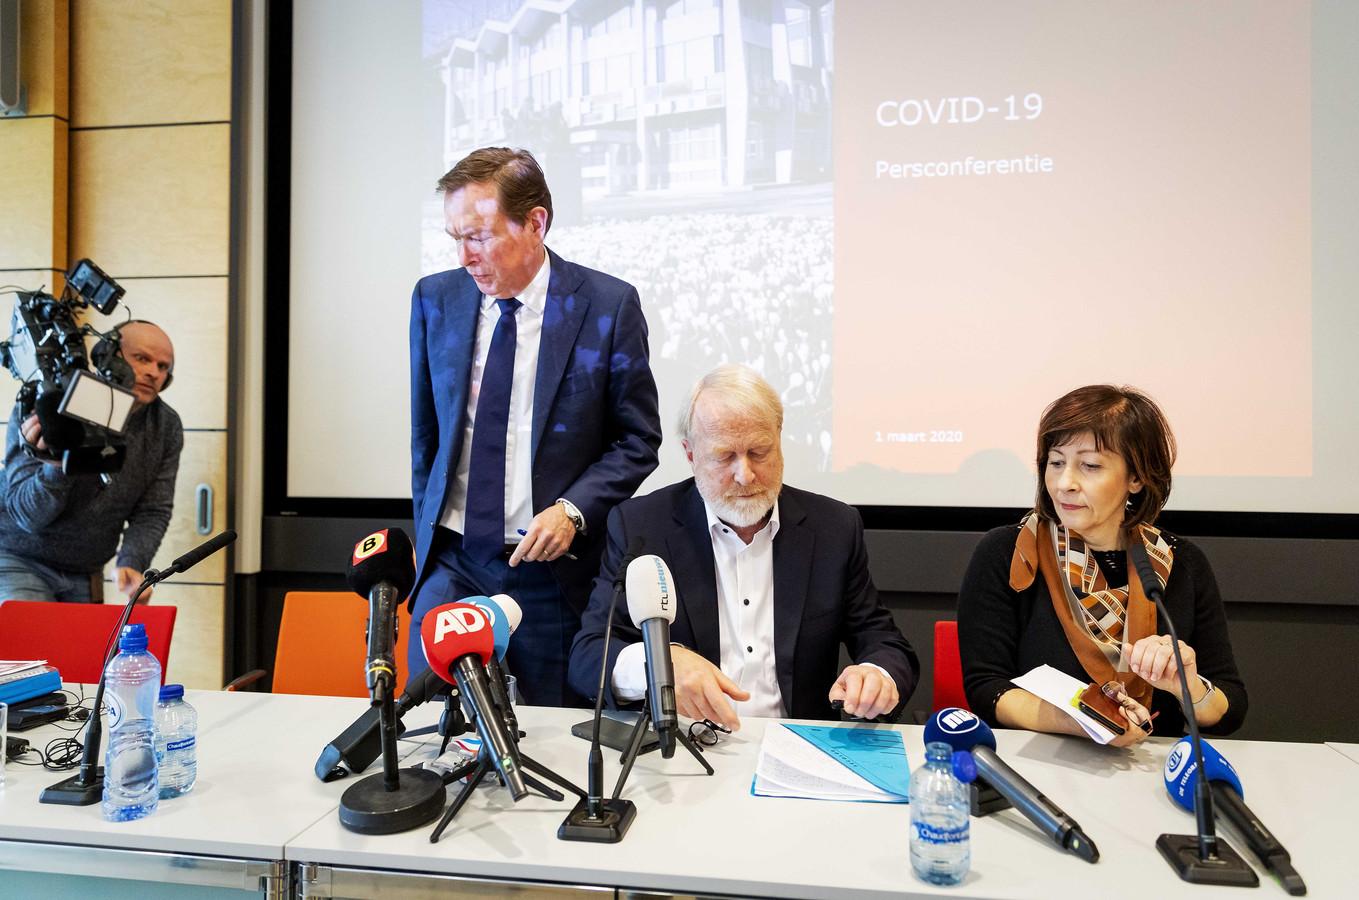 Aura Timen van het RIVM (rechts), met naast zich toenmalig minister Bruno Bruins (staand) en RIVM-collega Jaap van Dissel.